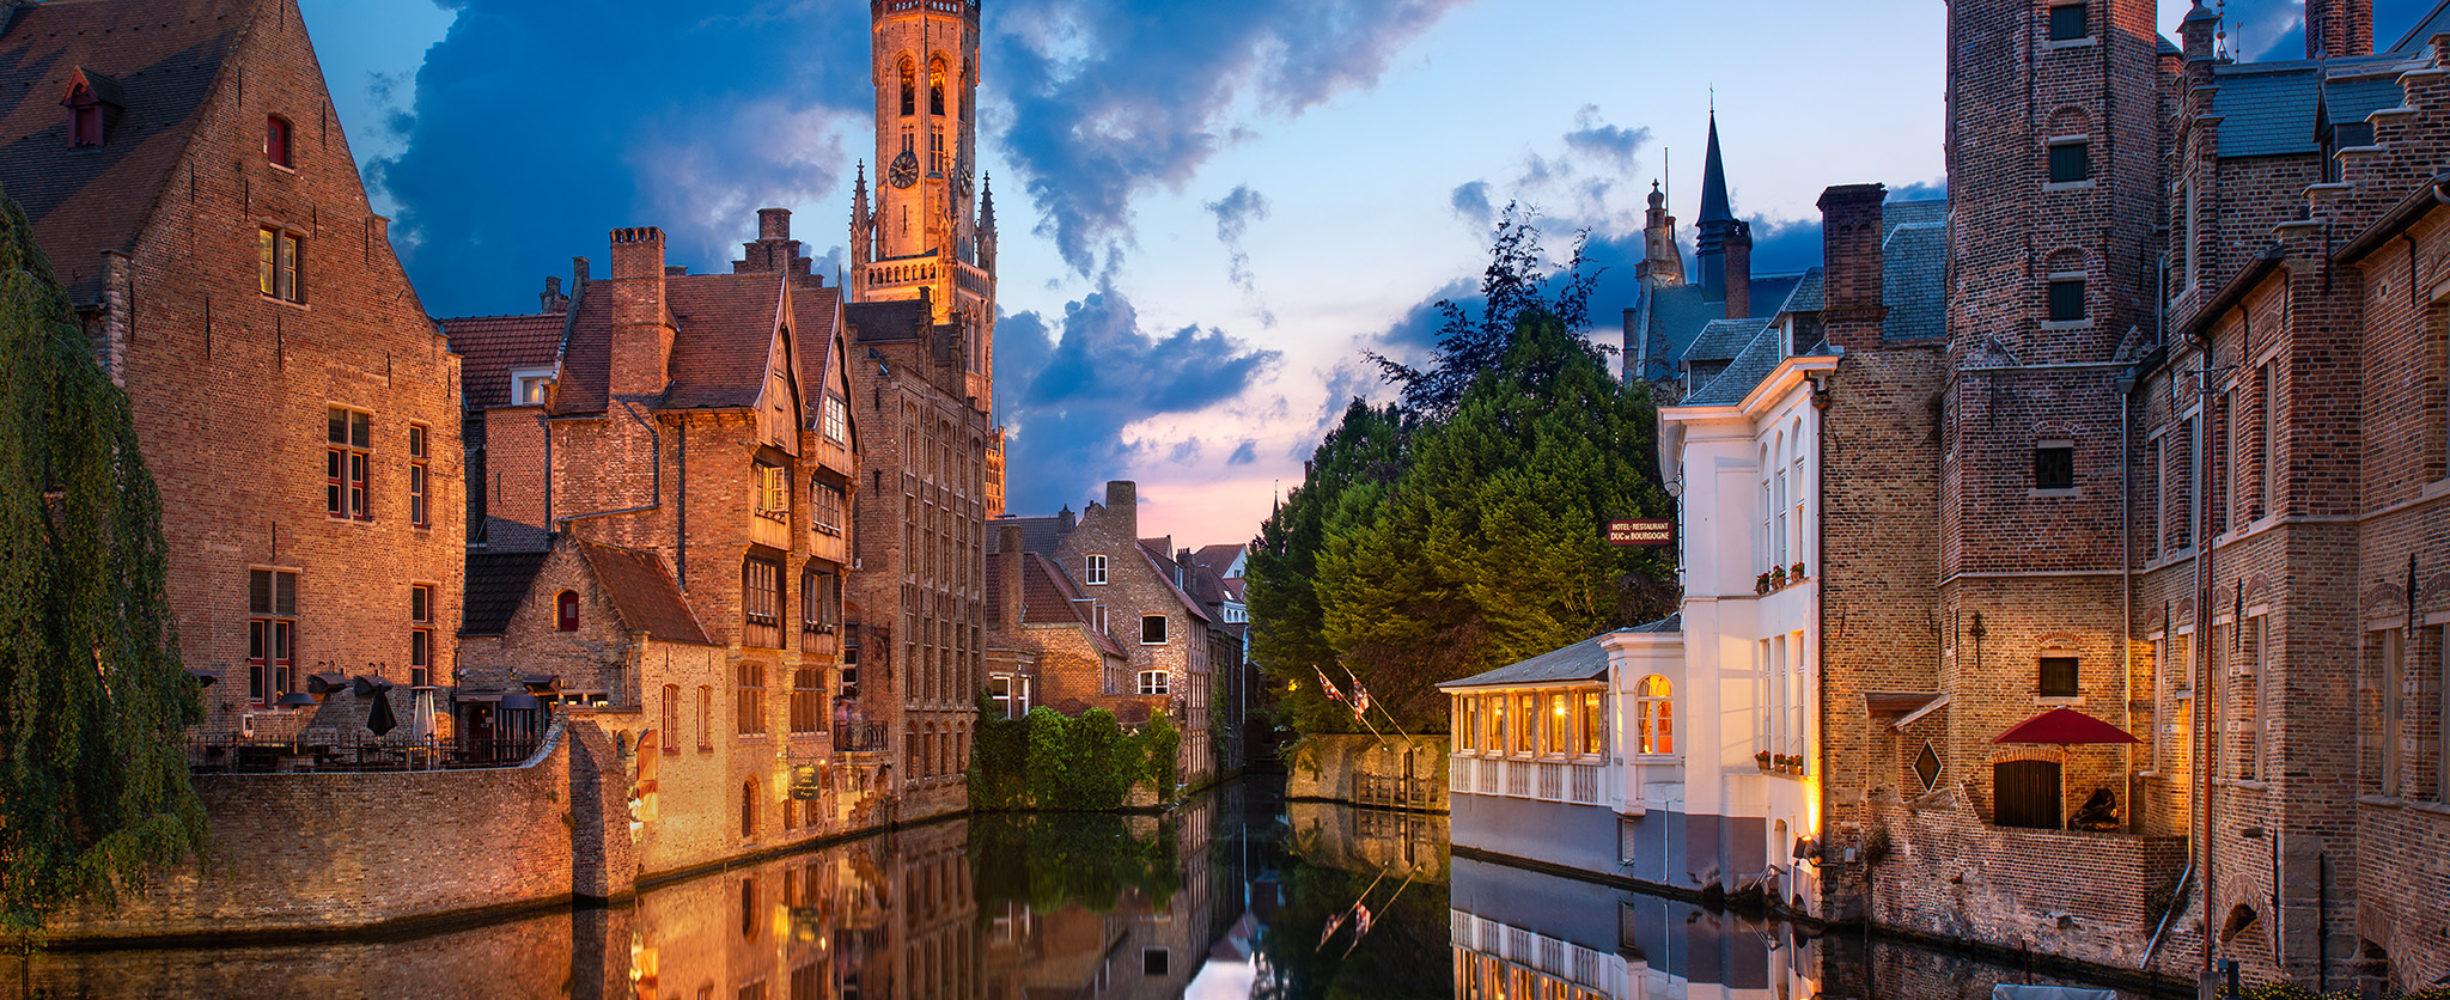 Van Eyck in Brugge